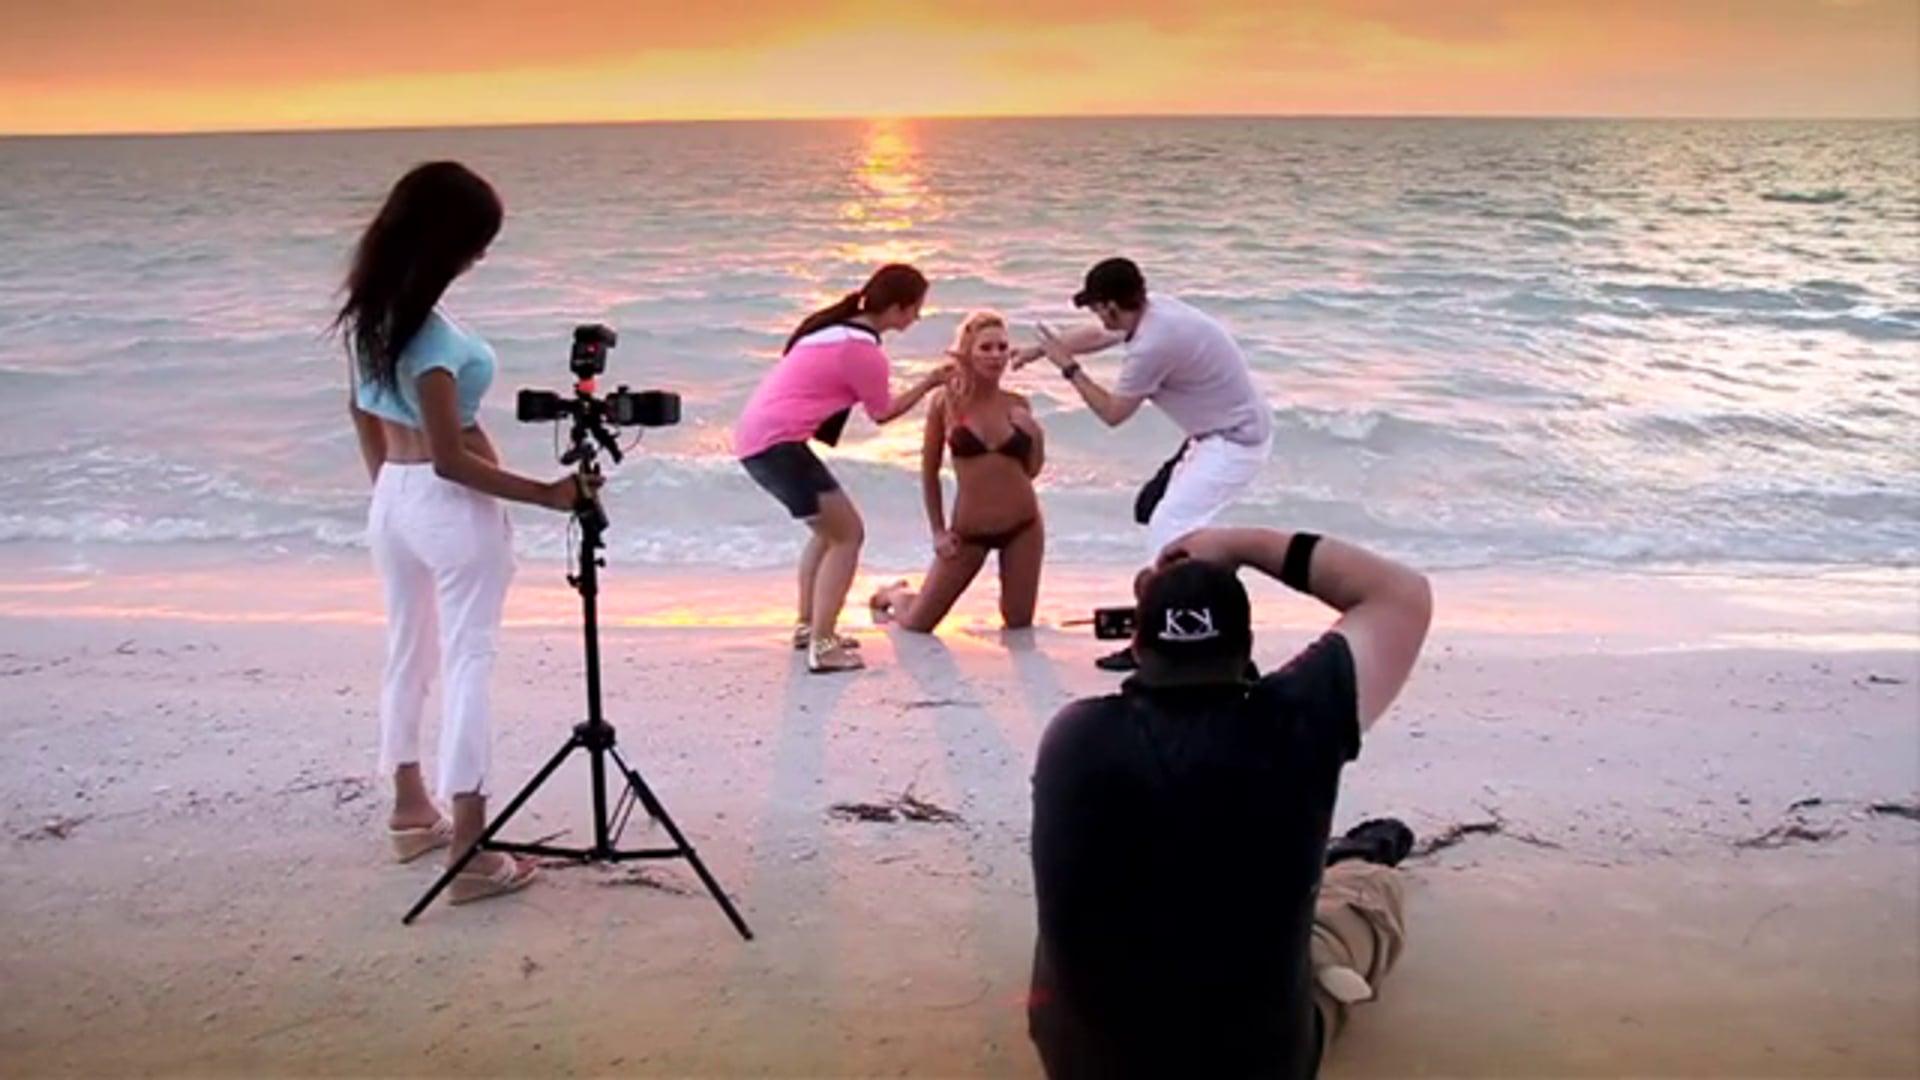 KKphotography In Action Swim Fashion Photoshoot.